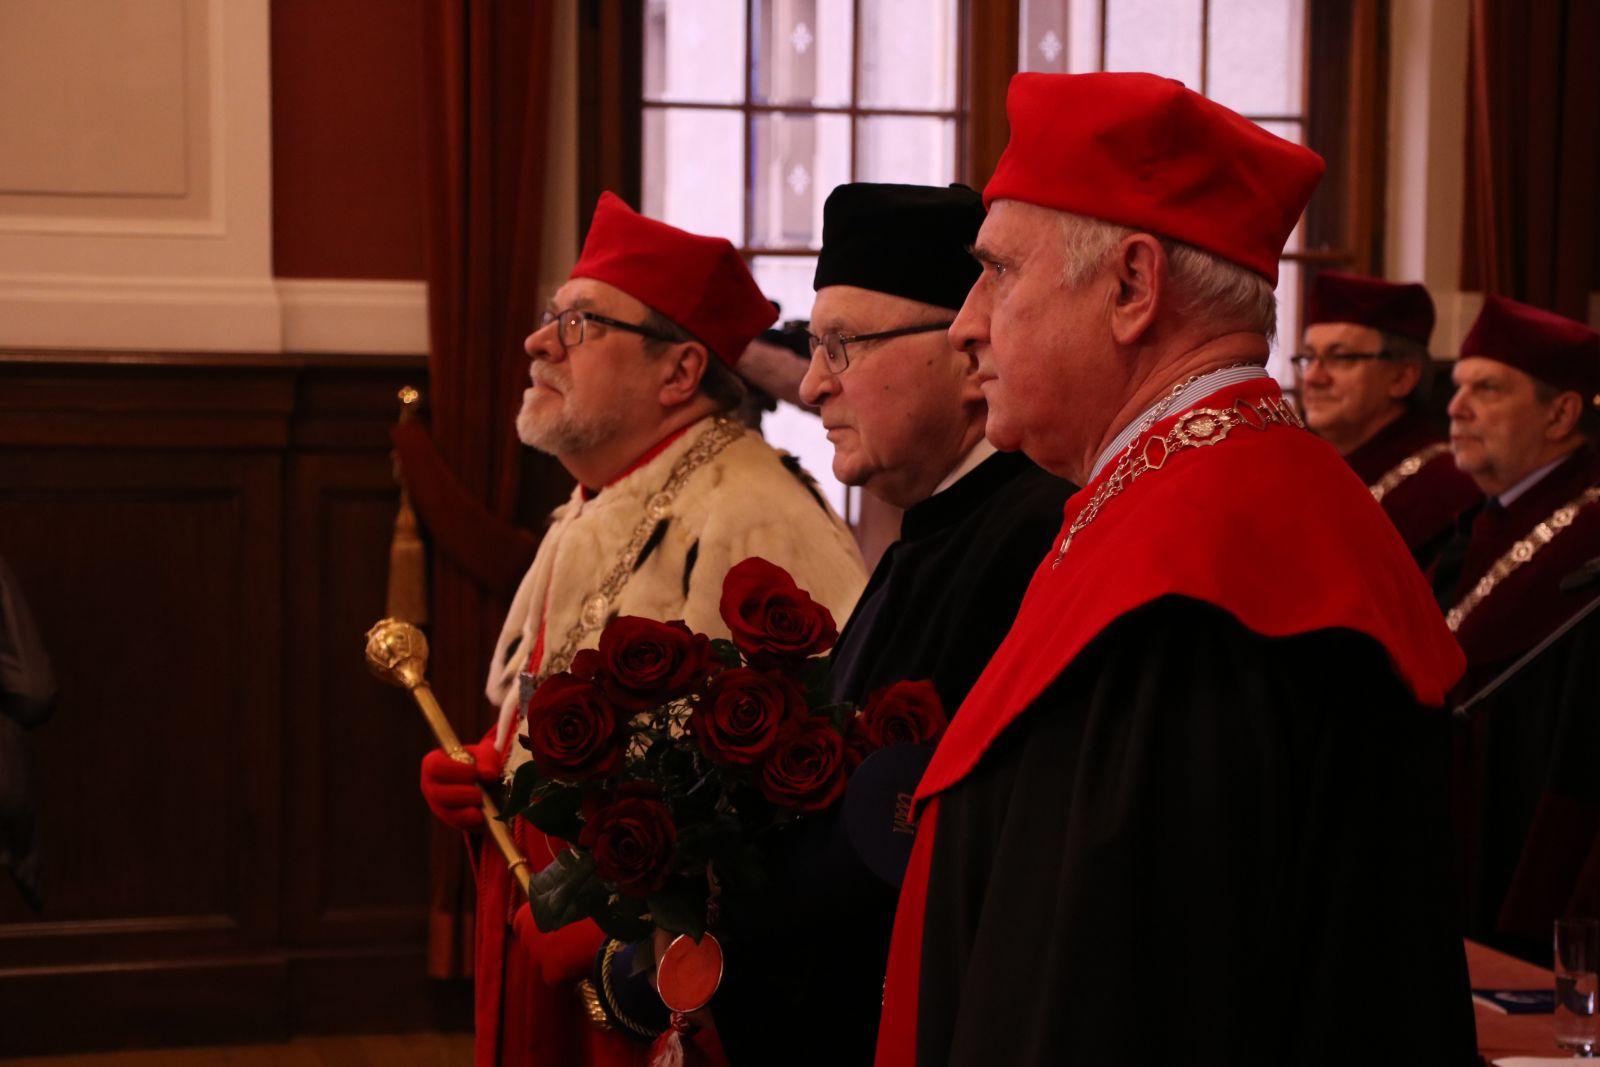 Zdjęcie - uroczystość nadania tytuł doktora honoris causa Uniwersytetu im. Adama Mickiewicza w Poznaniu